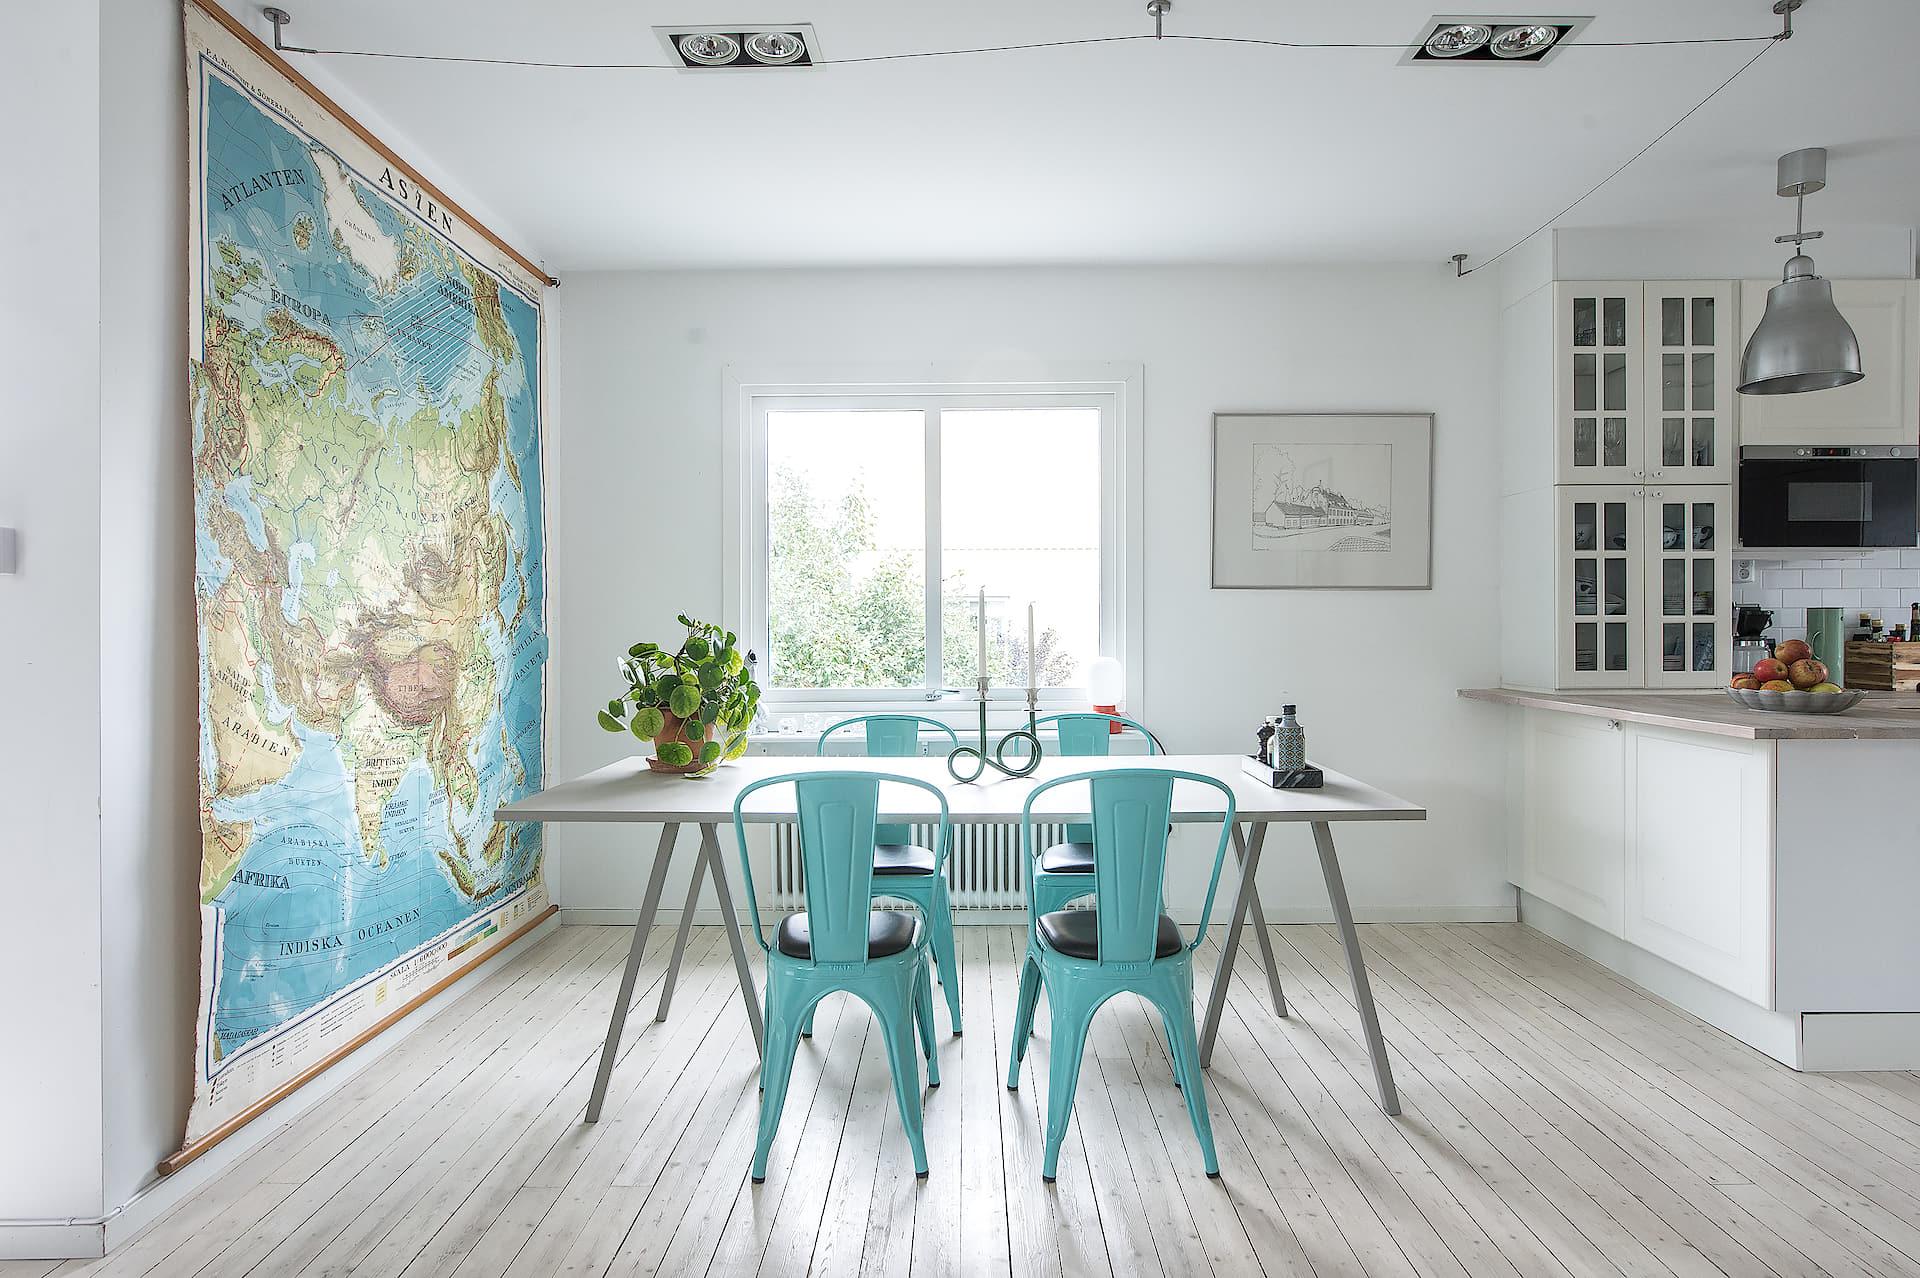 обеденный стол стулья tolix настенная карта мира